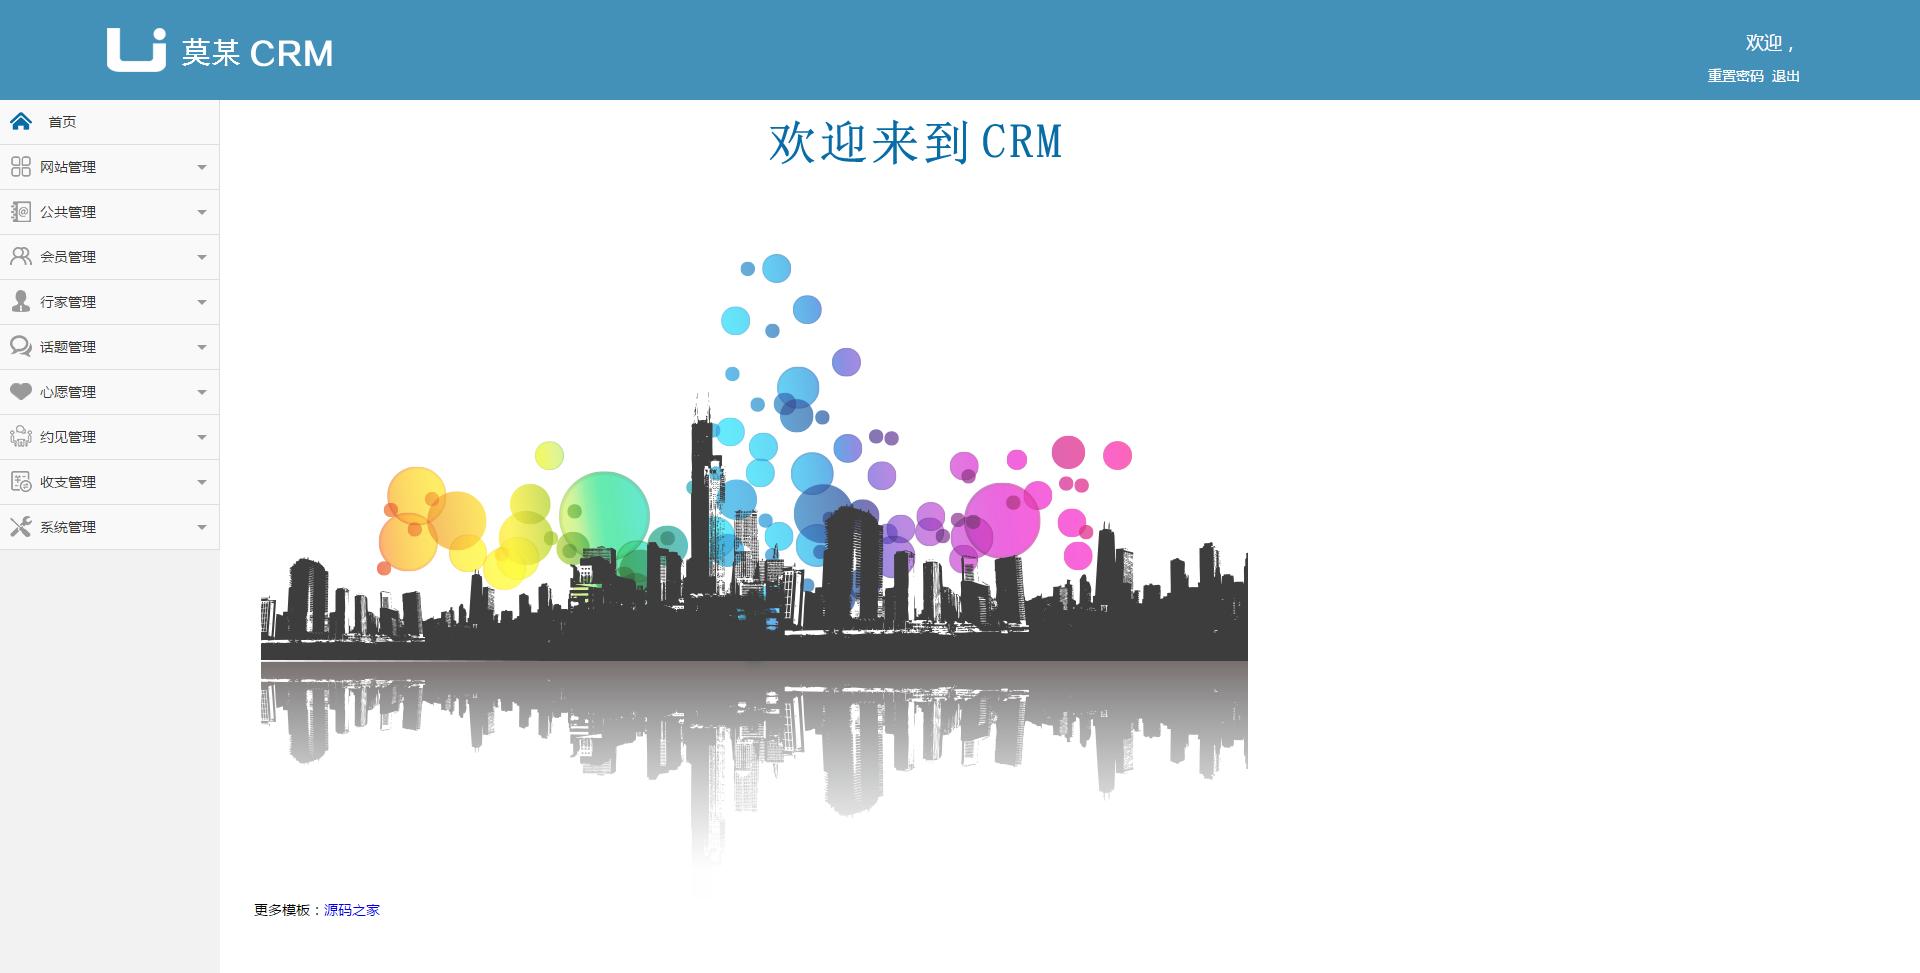 蓝色企业CRM后台管理模板